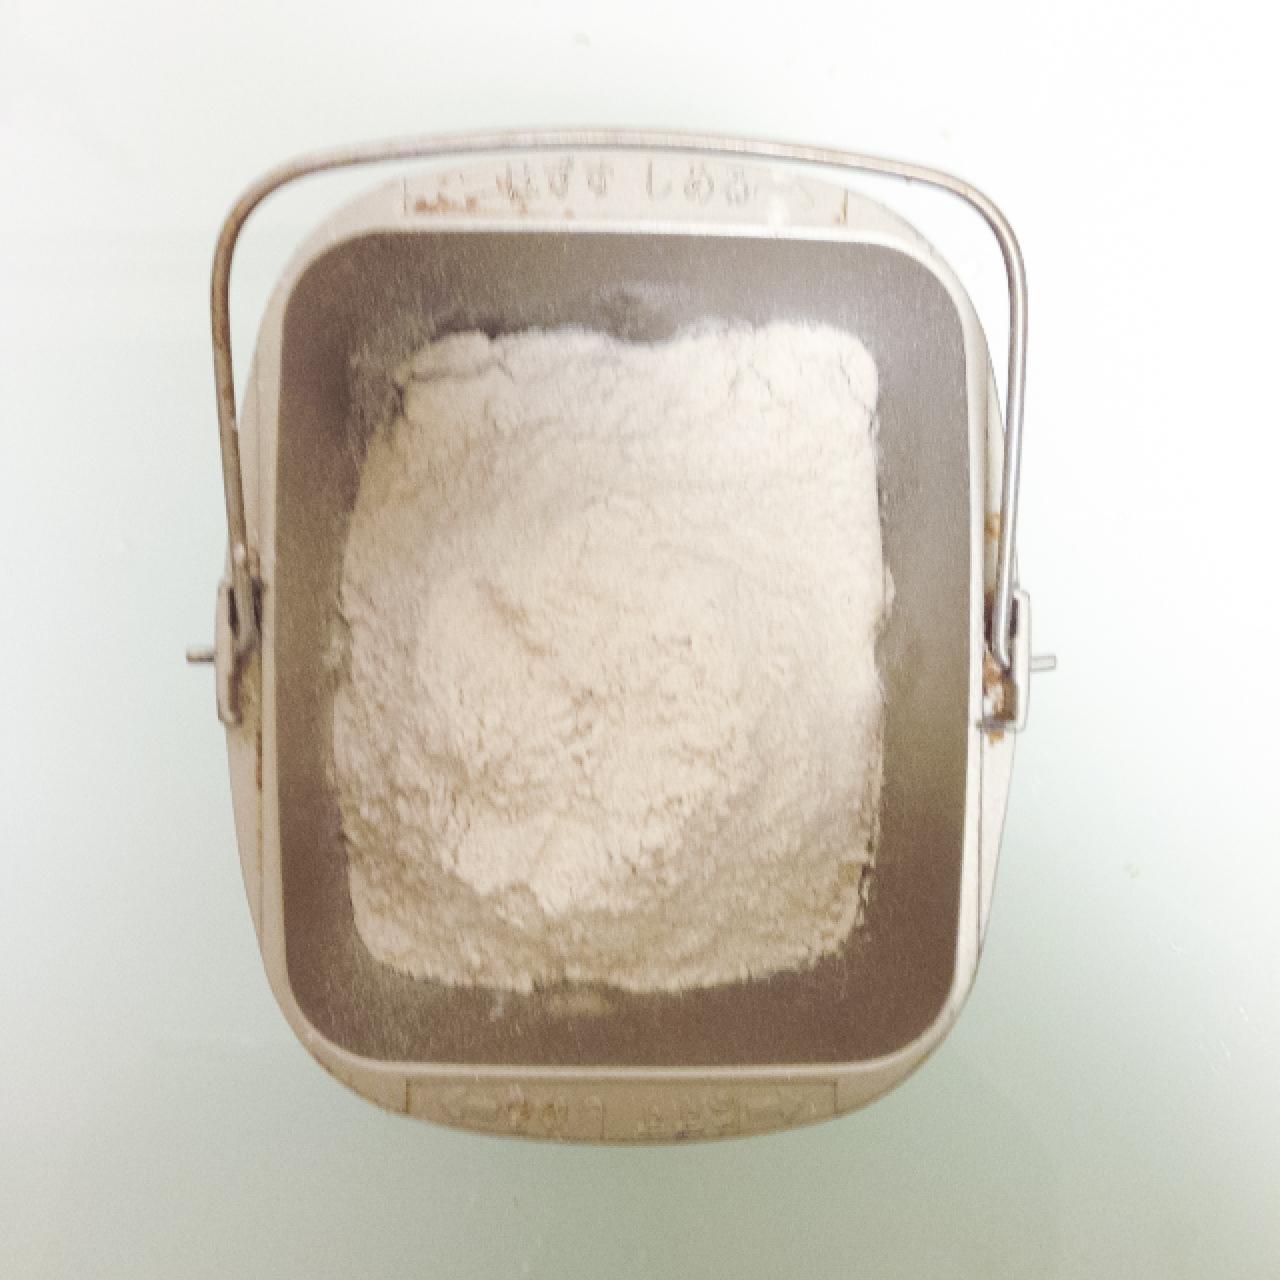 粉を入れます,220gくらい。オーガニック小麦全粒粉にオーガニックライ麦全粒粉を50%ずつミックスしてます。(S.F.ですっかり健康オタクになりました)